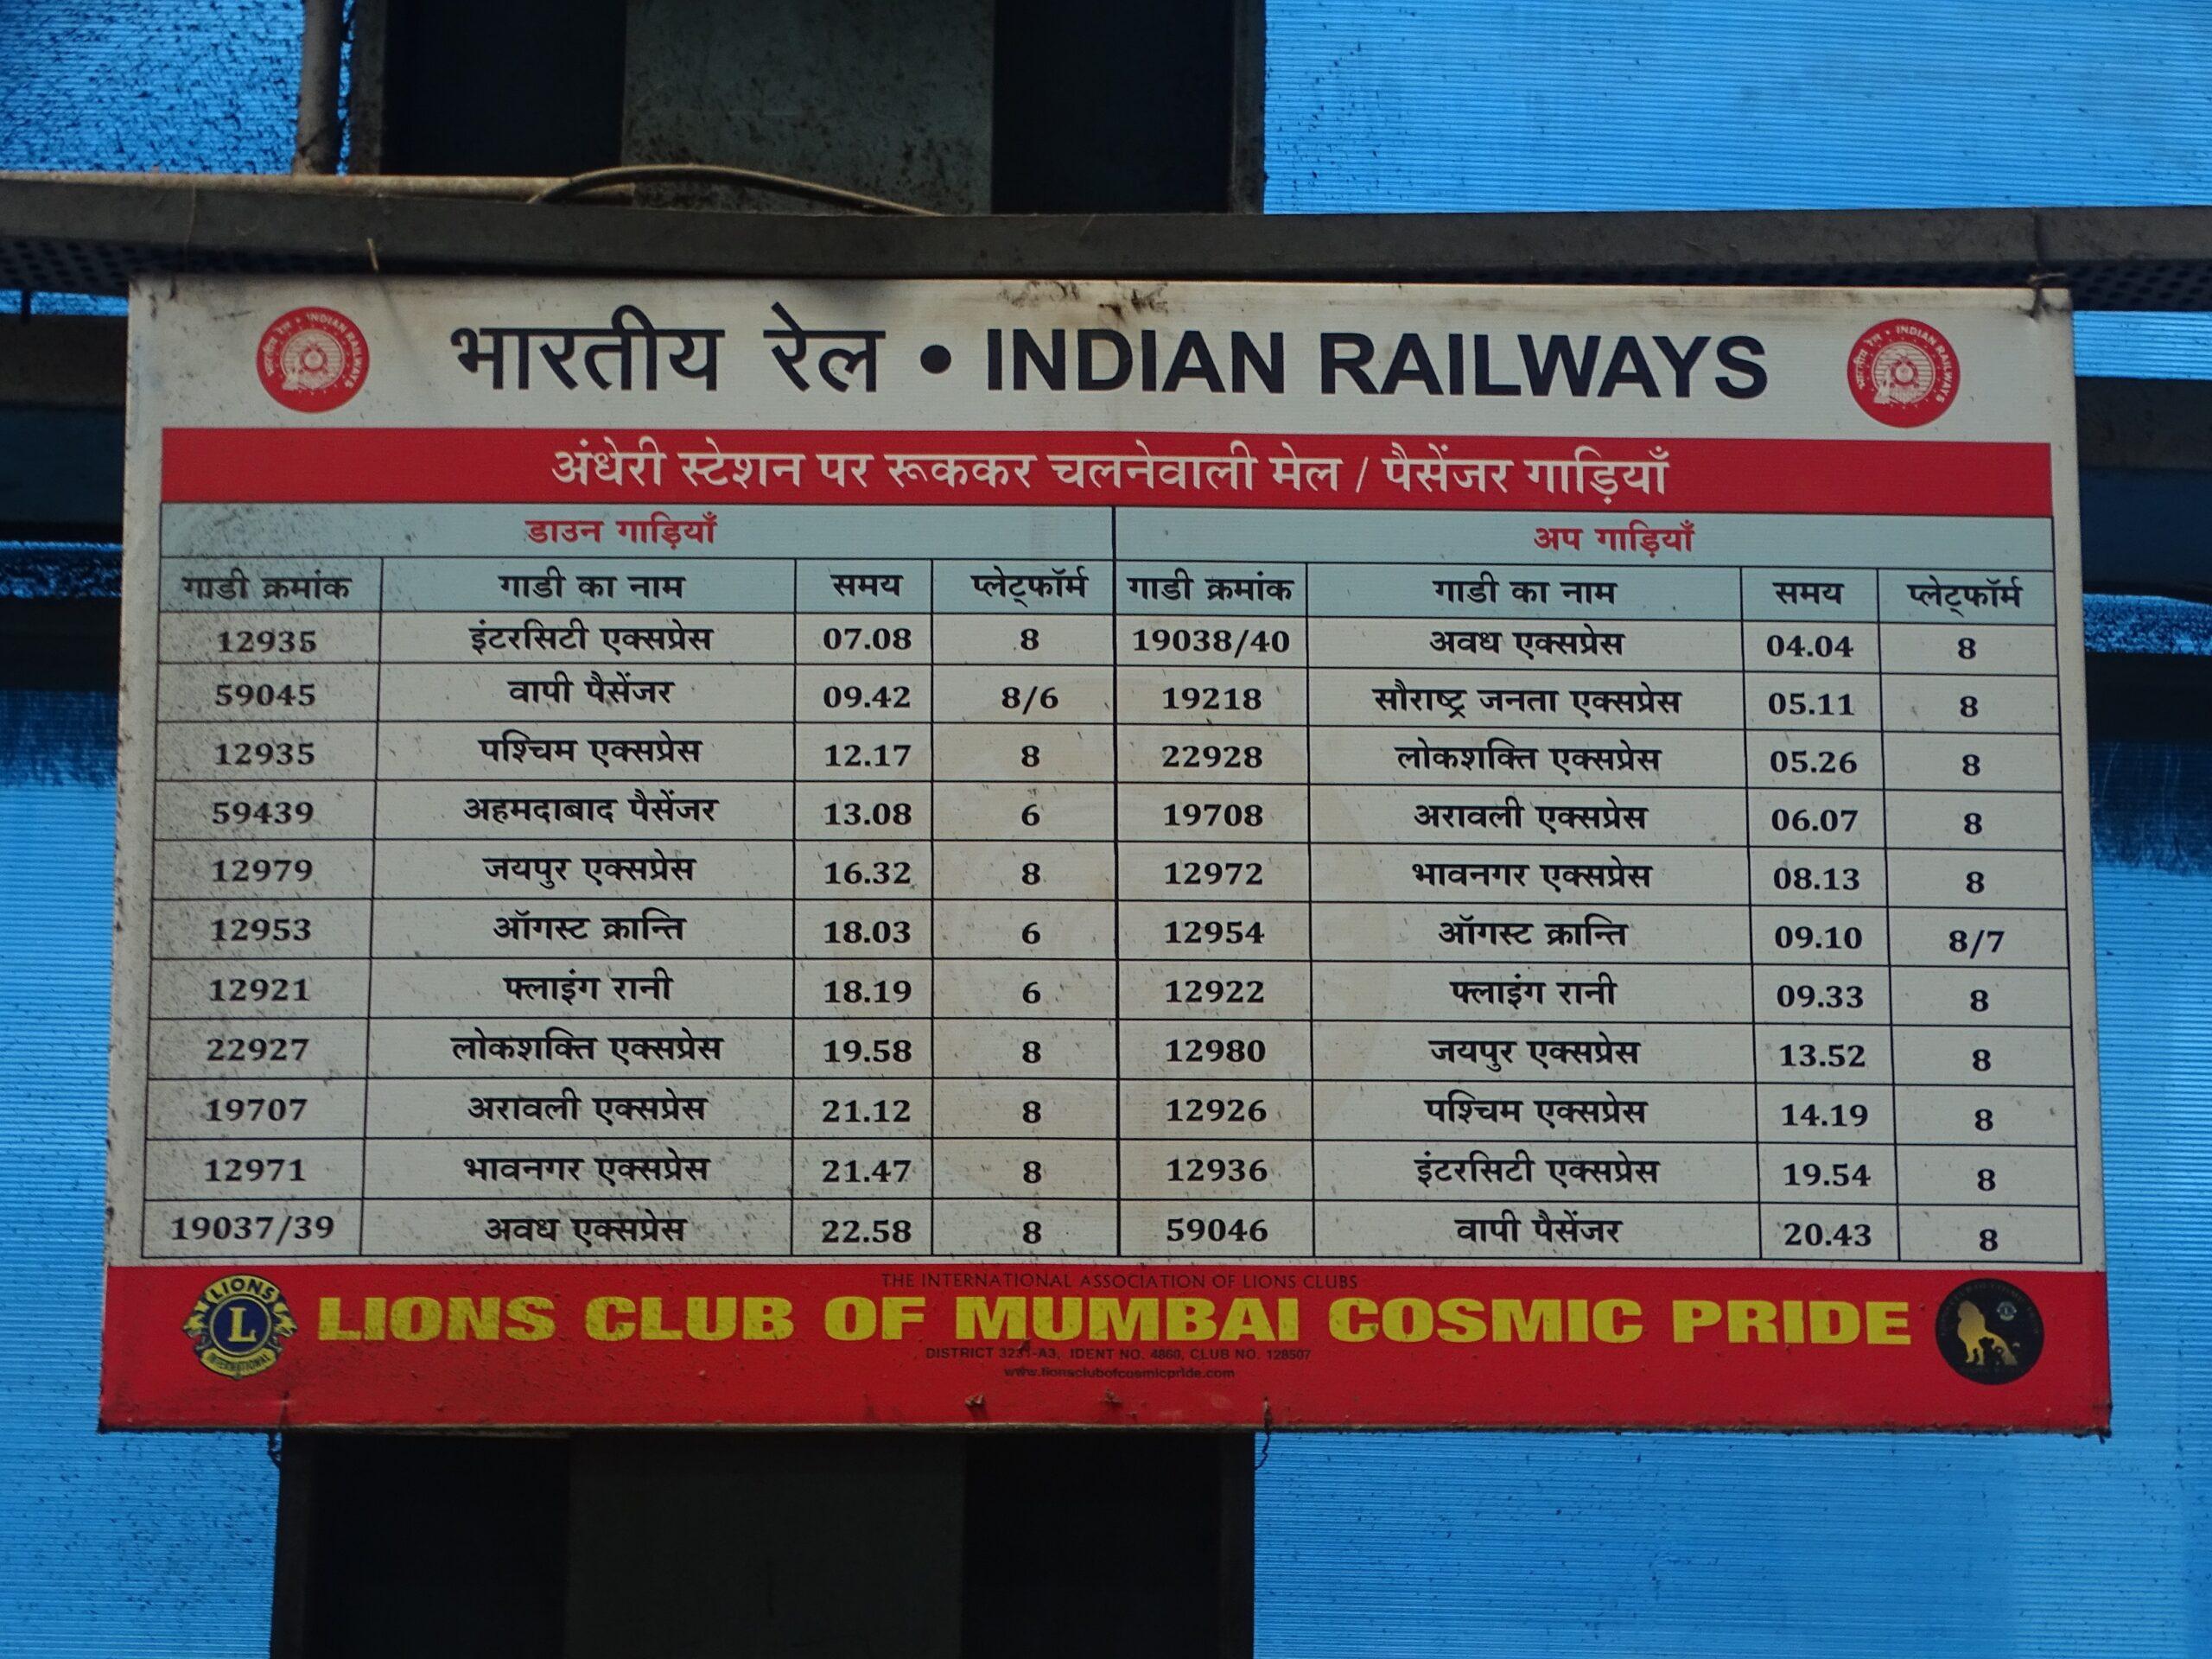 Mail/Passenger Trains - Halt at Andheri Station (Mumbai, Maharashtra, India)